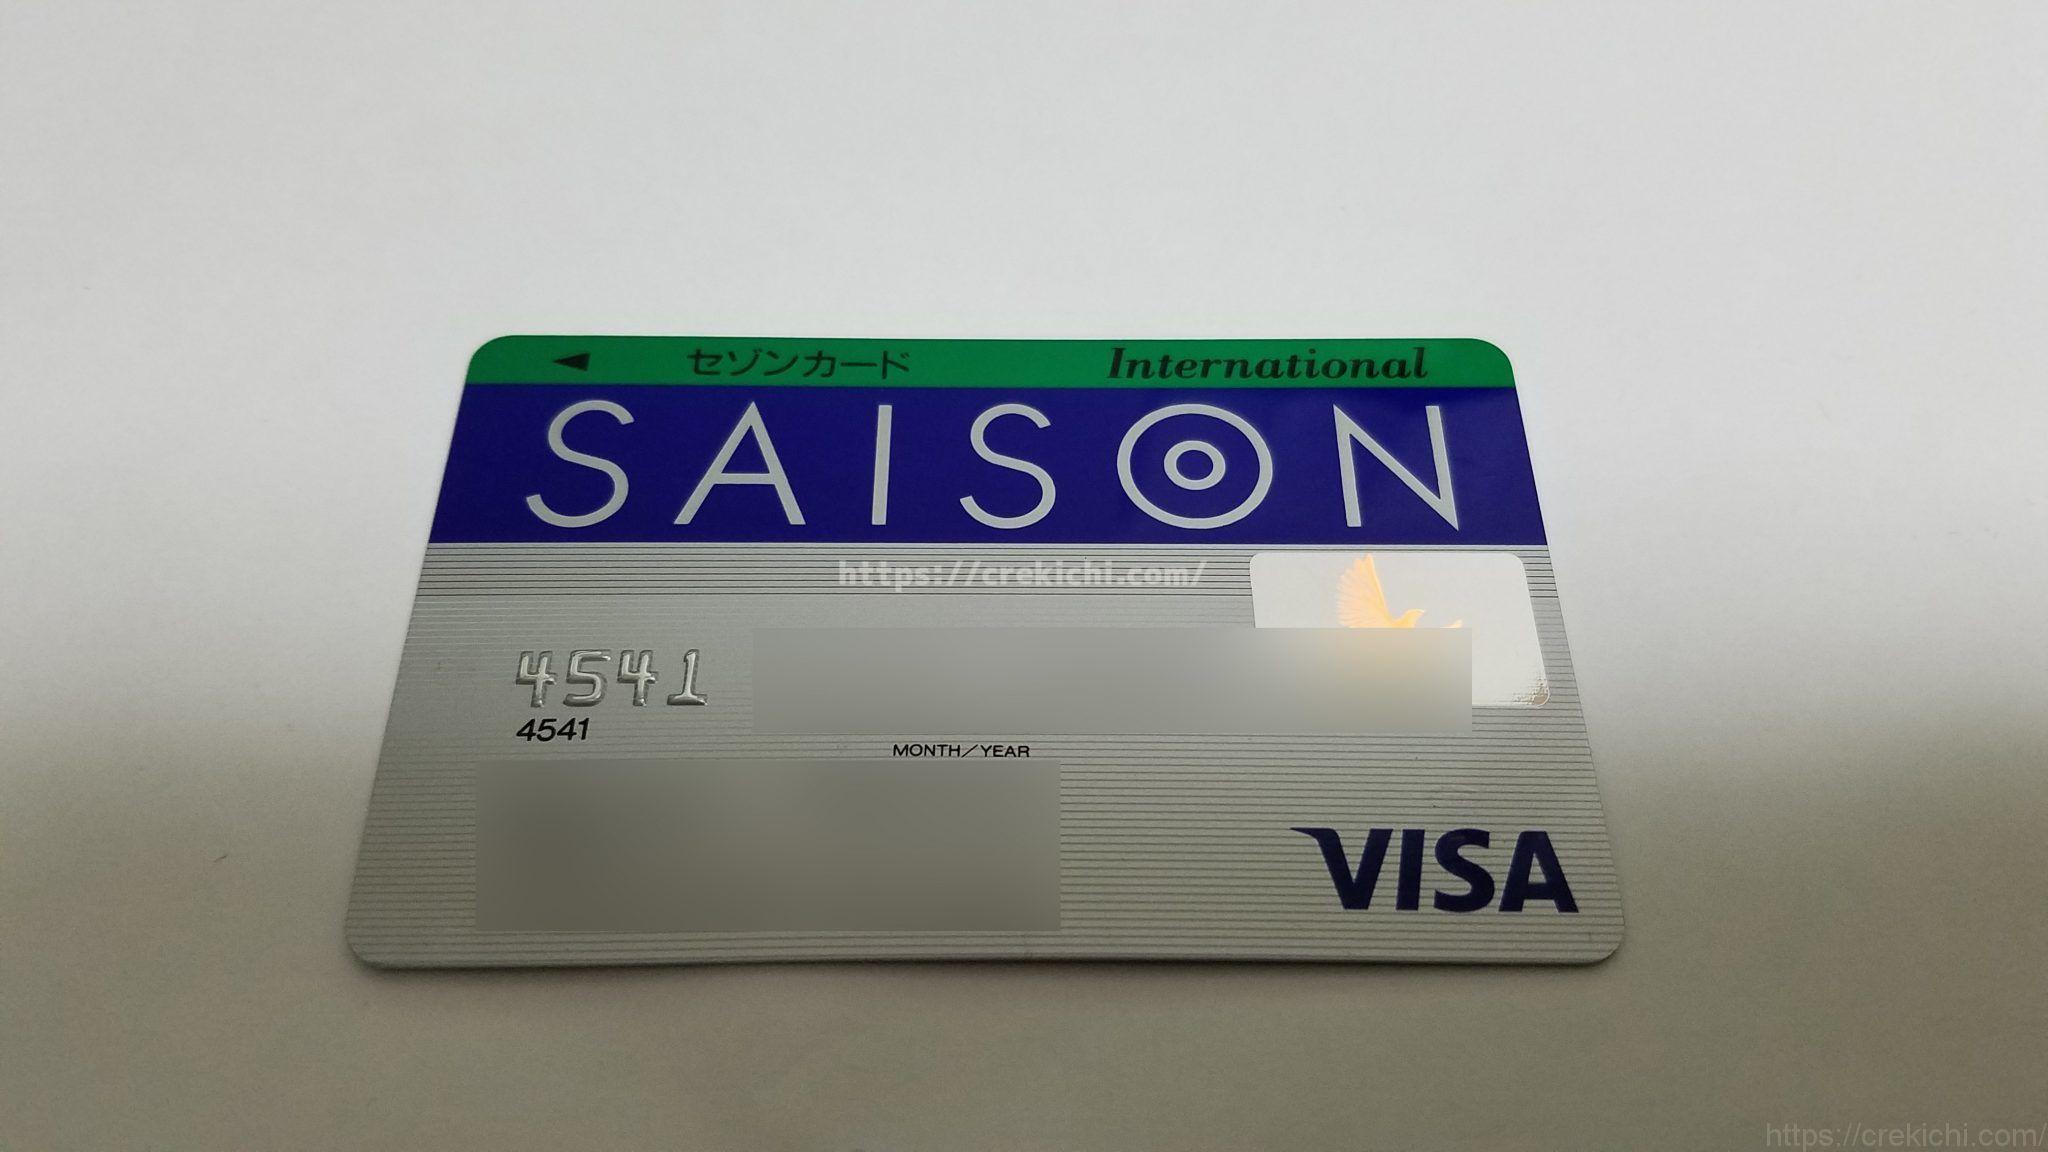 当日発行のセゾンカード